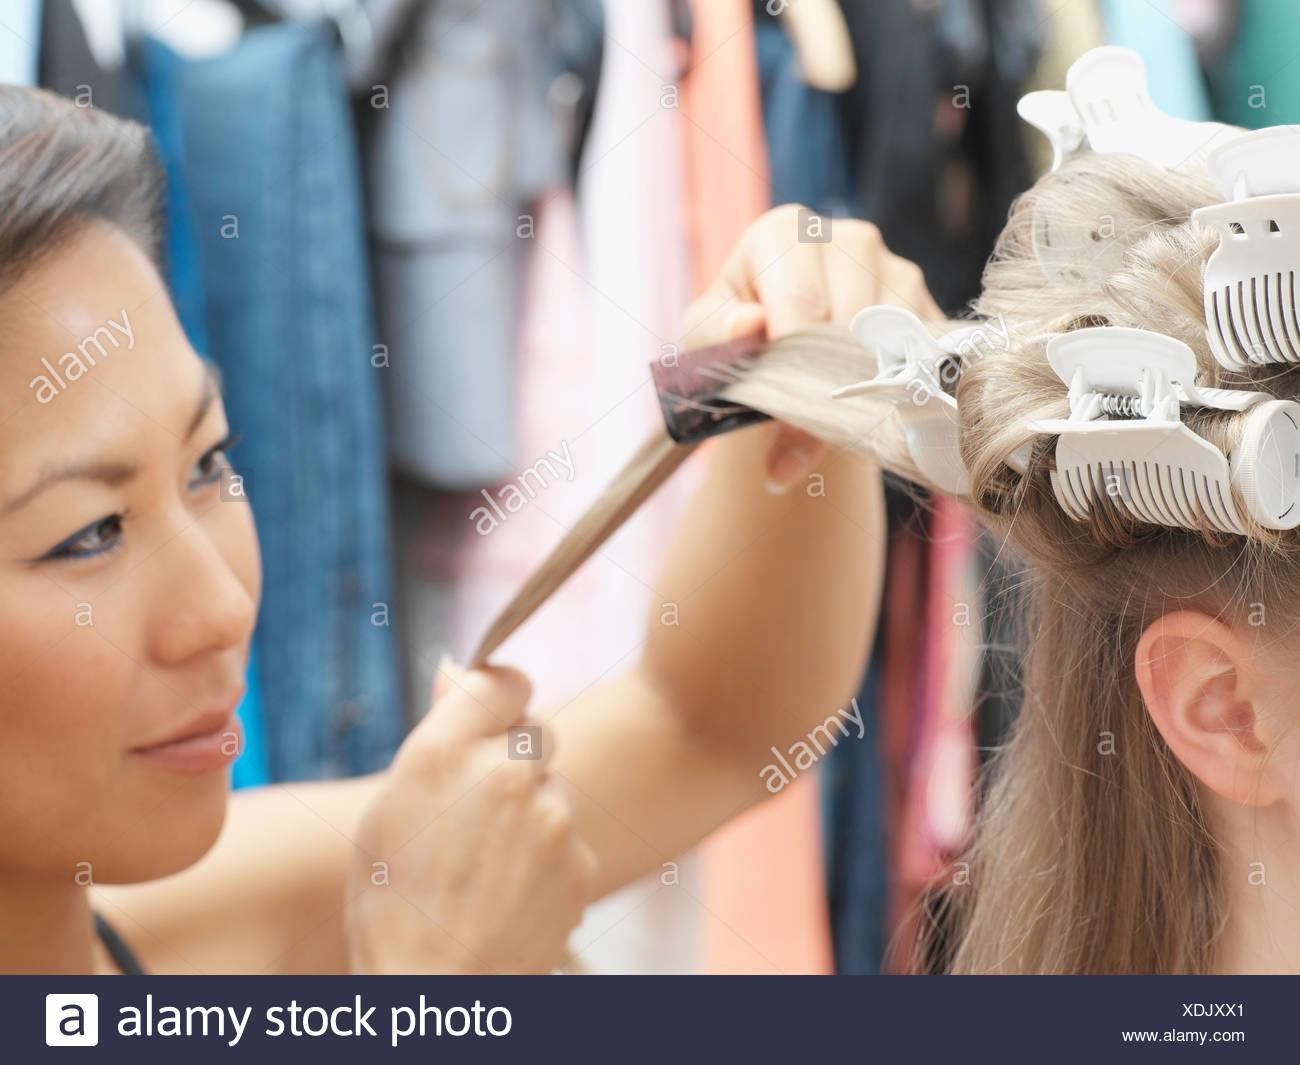 Hairdresser working on model's hair - Stock Image